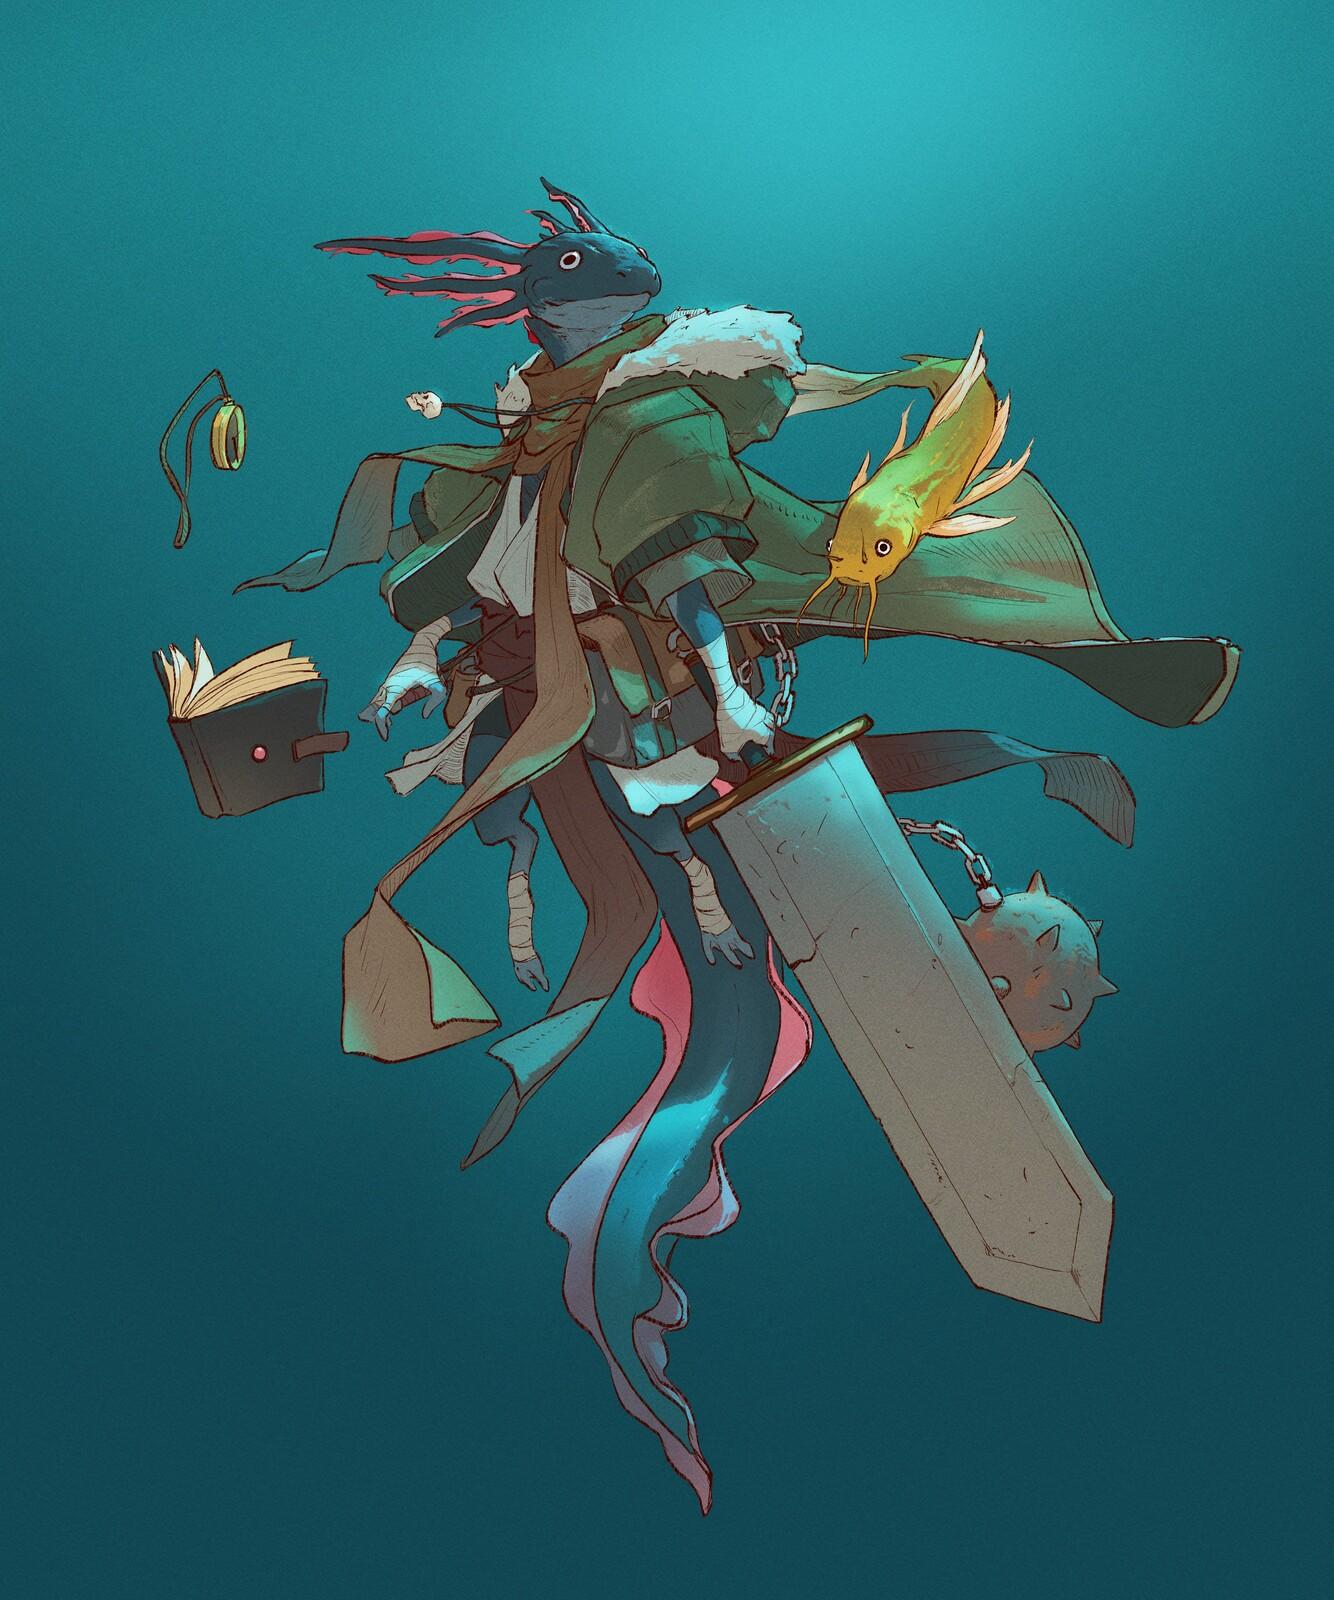 Explorer axolote